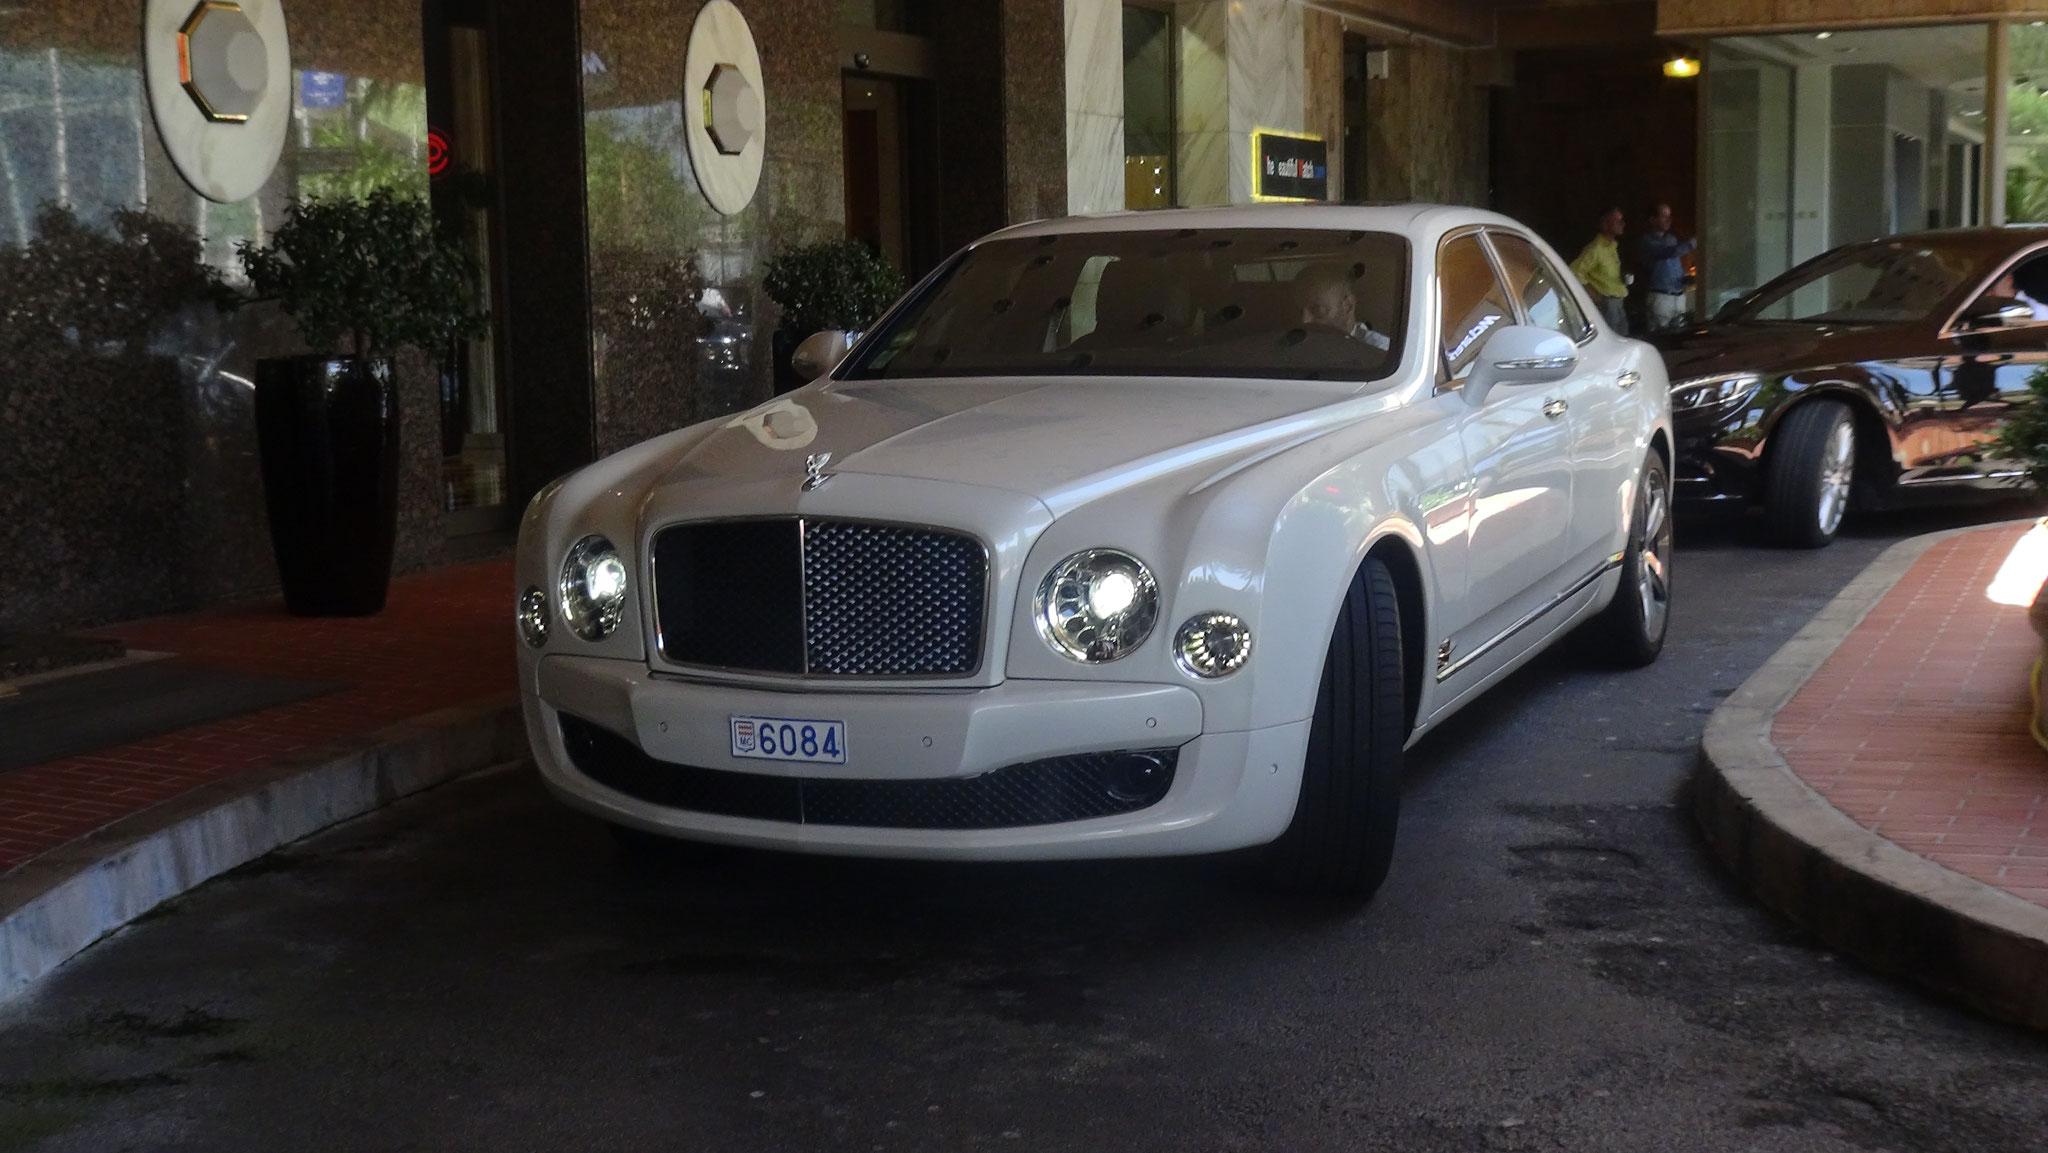 Bentley Mulsanne - 6084 (MC)